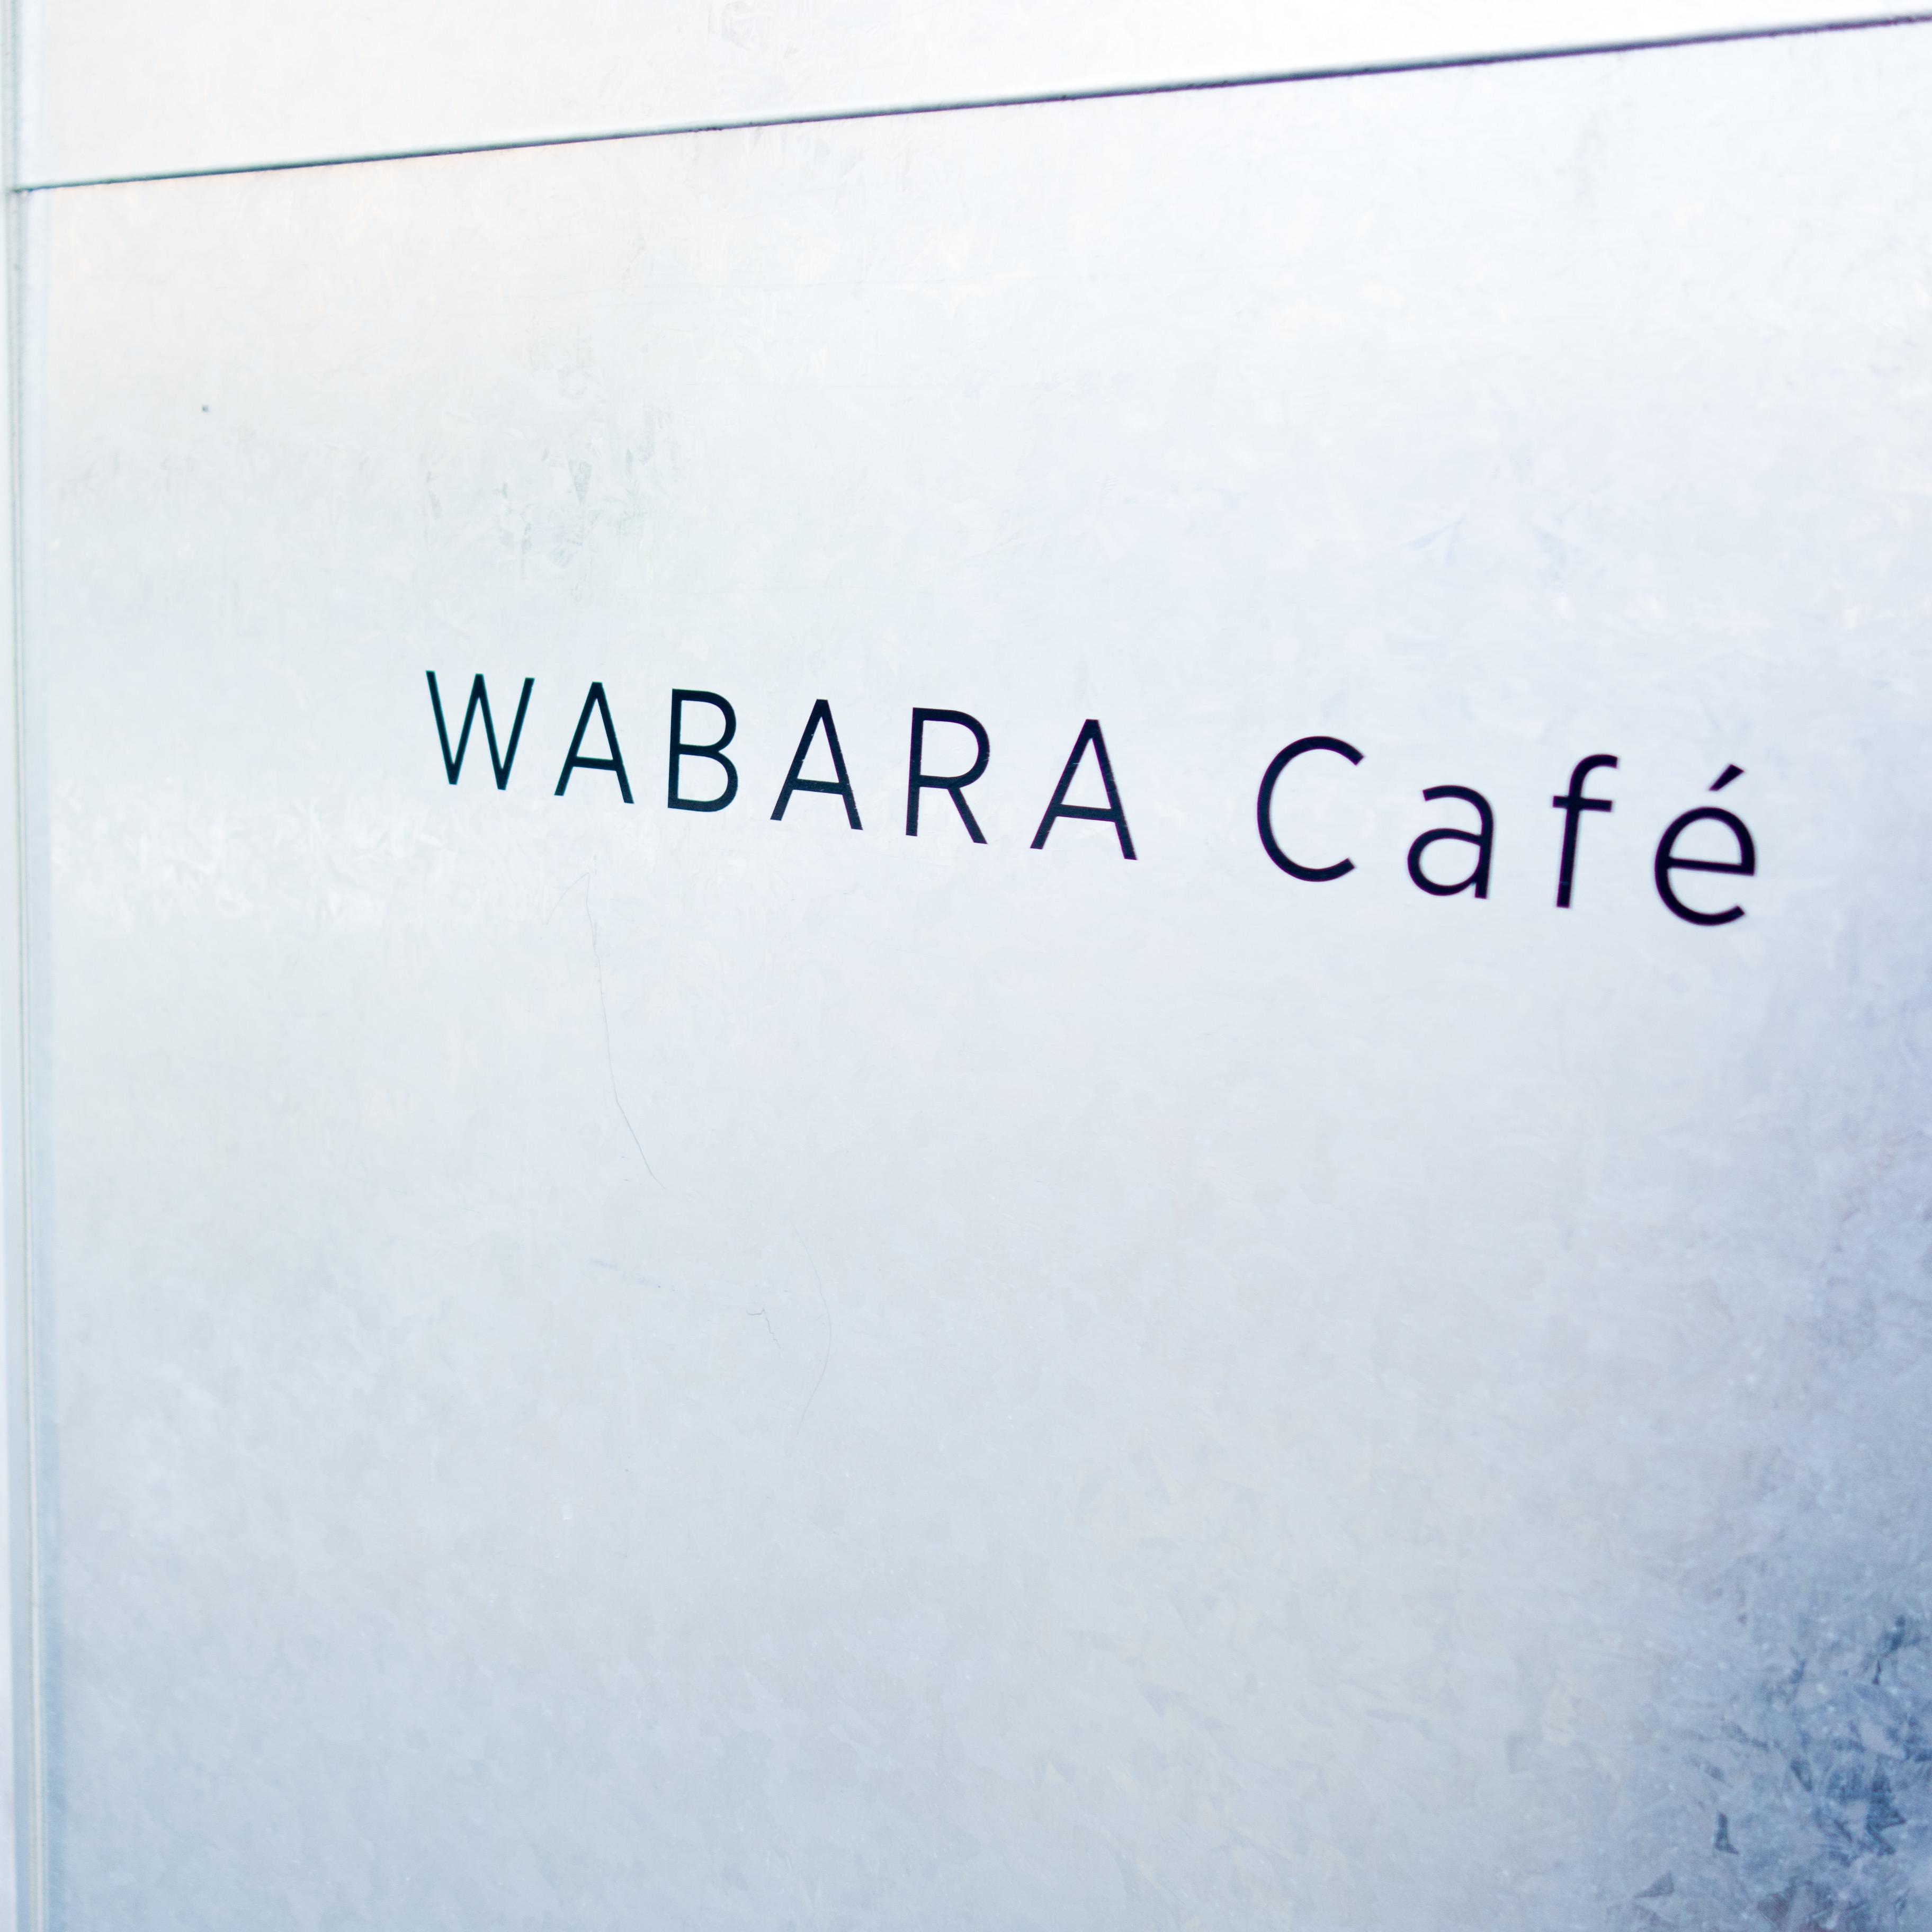 wabara cafe